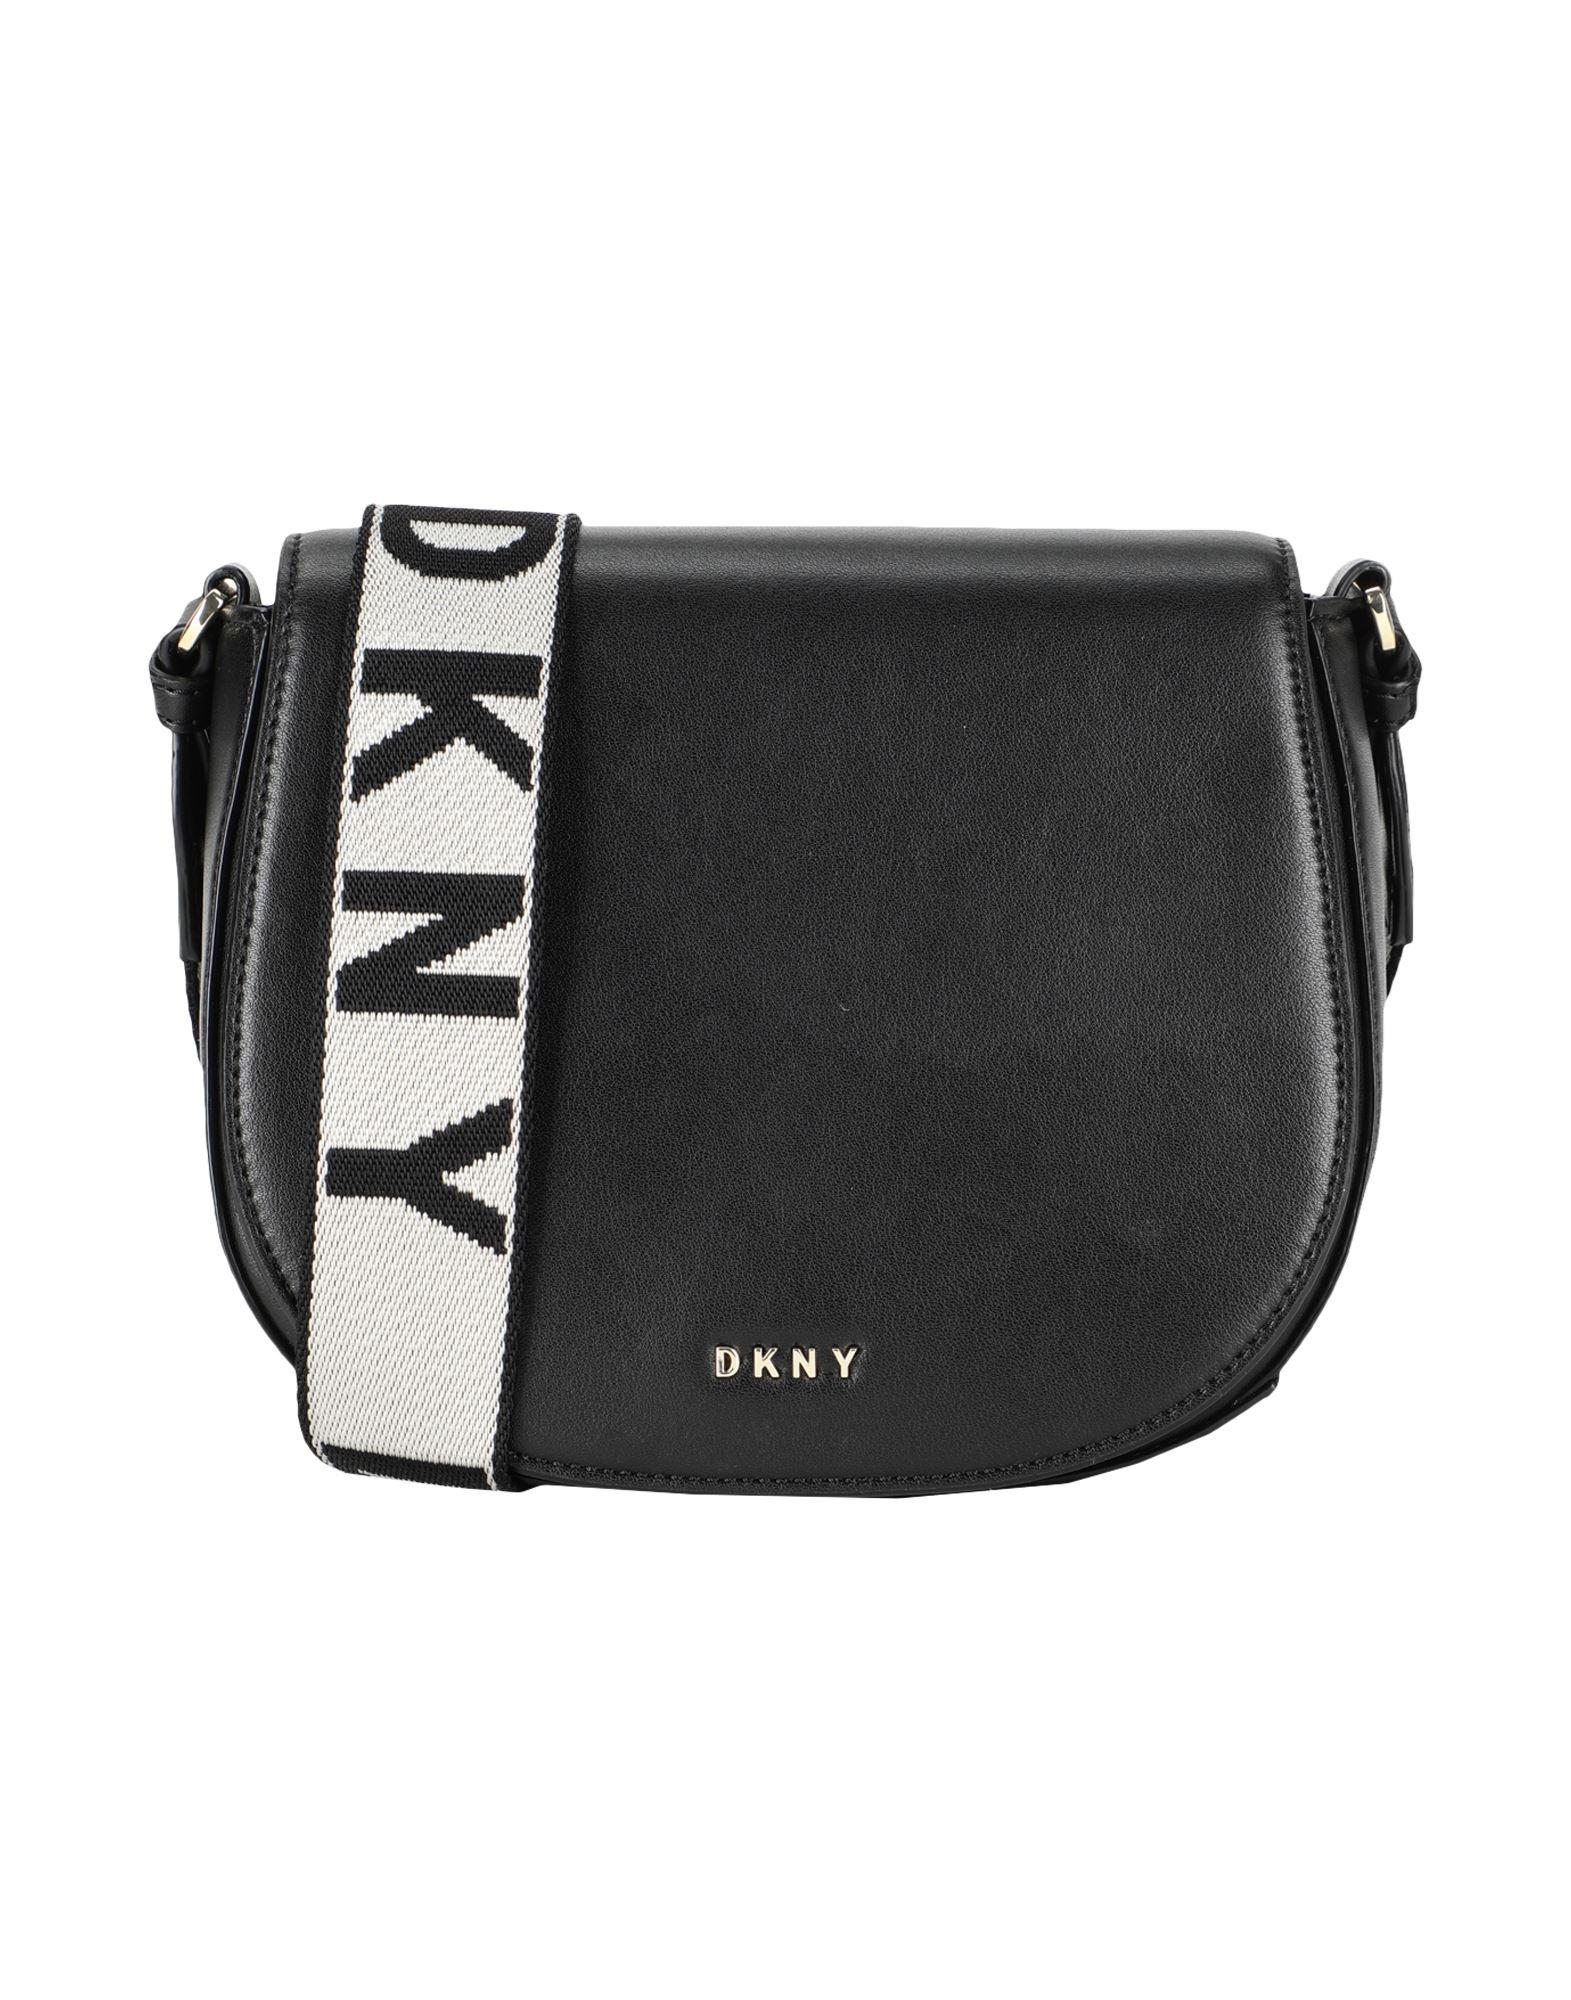 Фото - DKNY Сумка через плечо сумка dkny r913h988 bgd